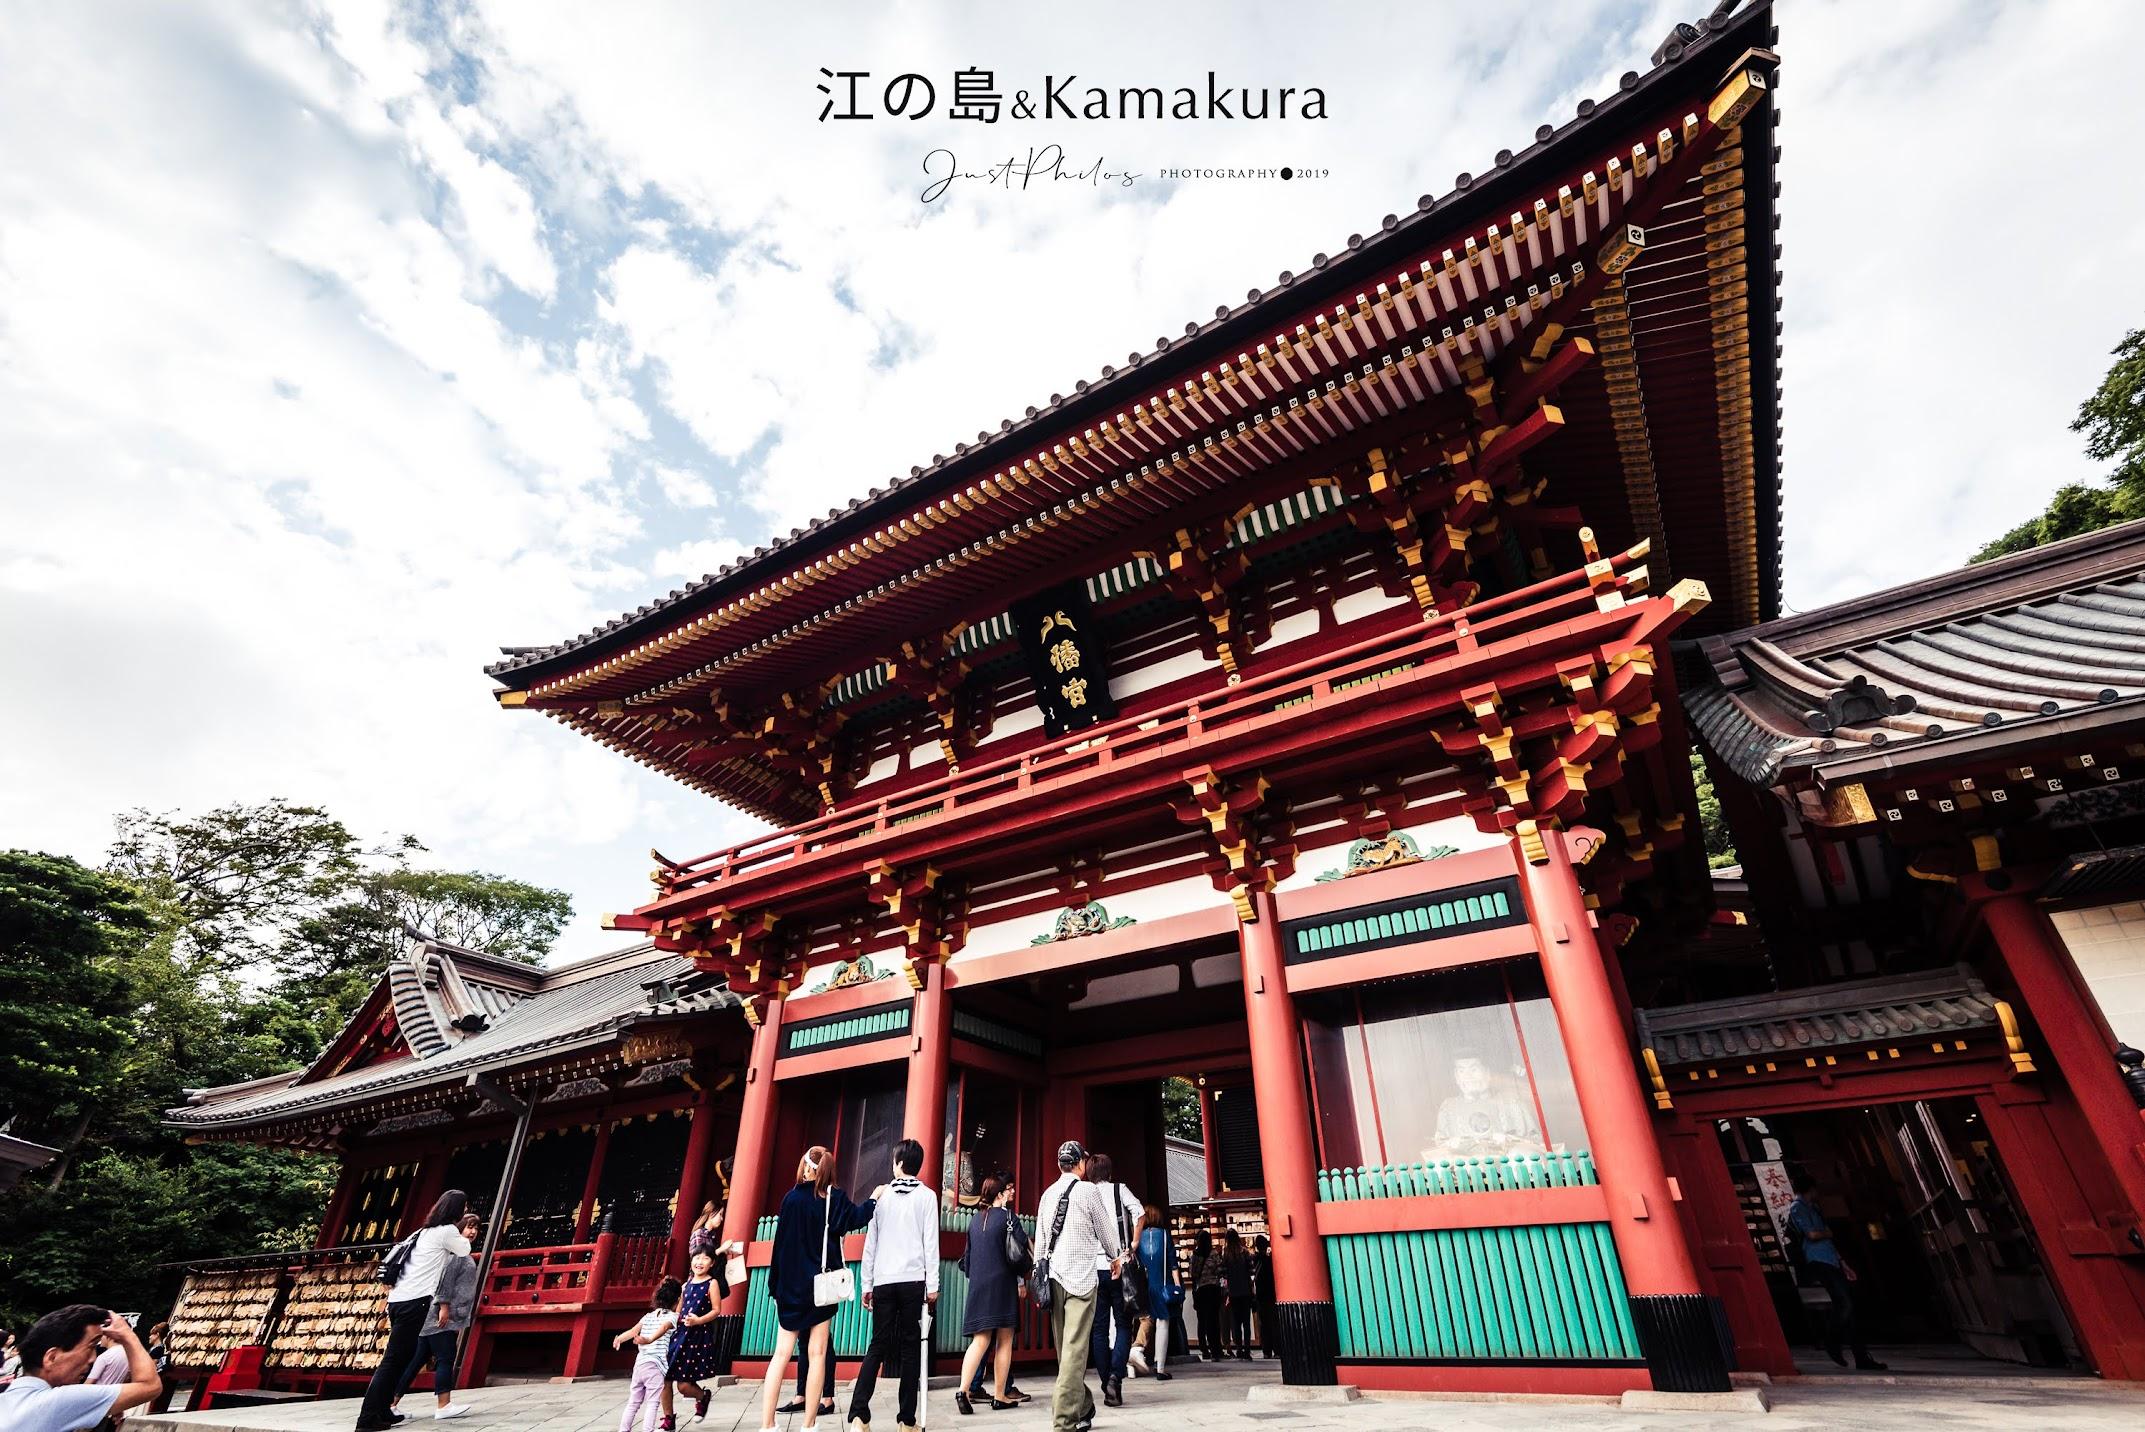 鶴岡八幡宮是鎌倉站最有名的景點也是日本三大八幡宮之一。